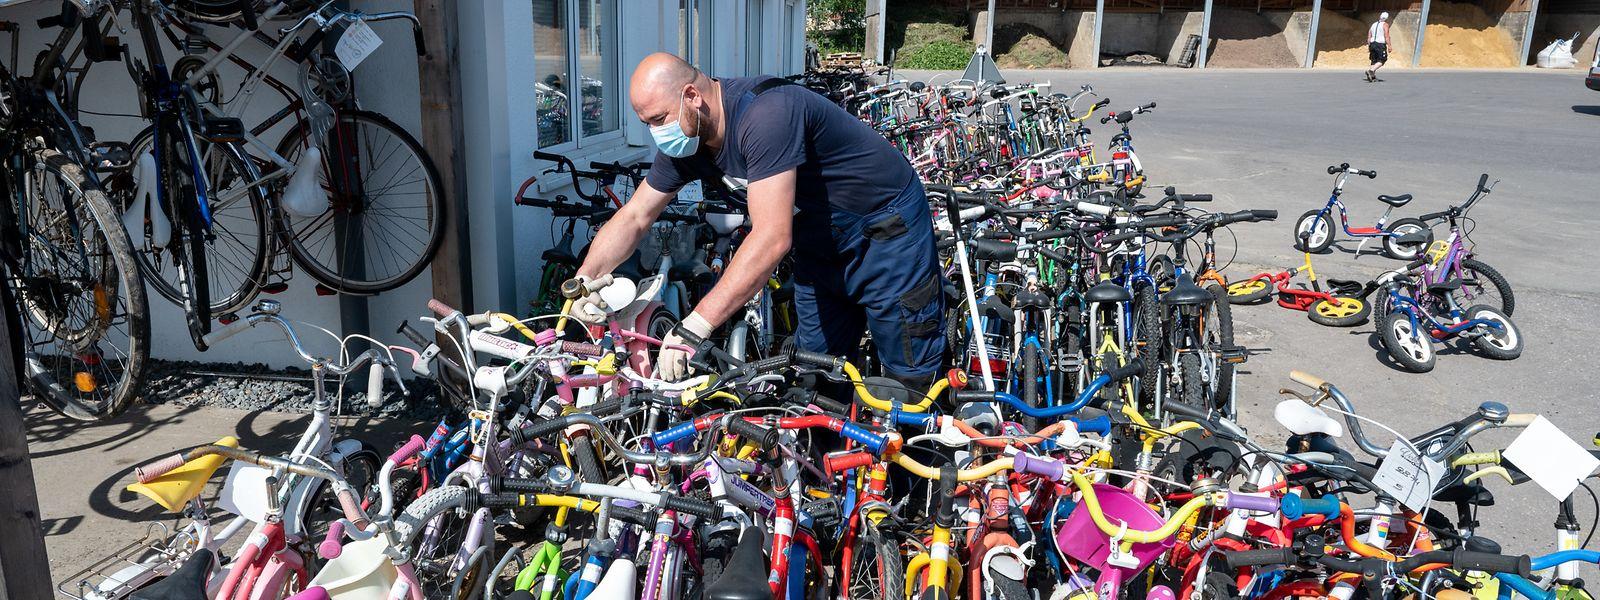 Gerade Kinderräder sind beliebt: Nach einem oder zwei Jahren können die Eltern zu einem größeren Exemplar wechseln.